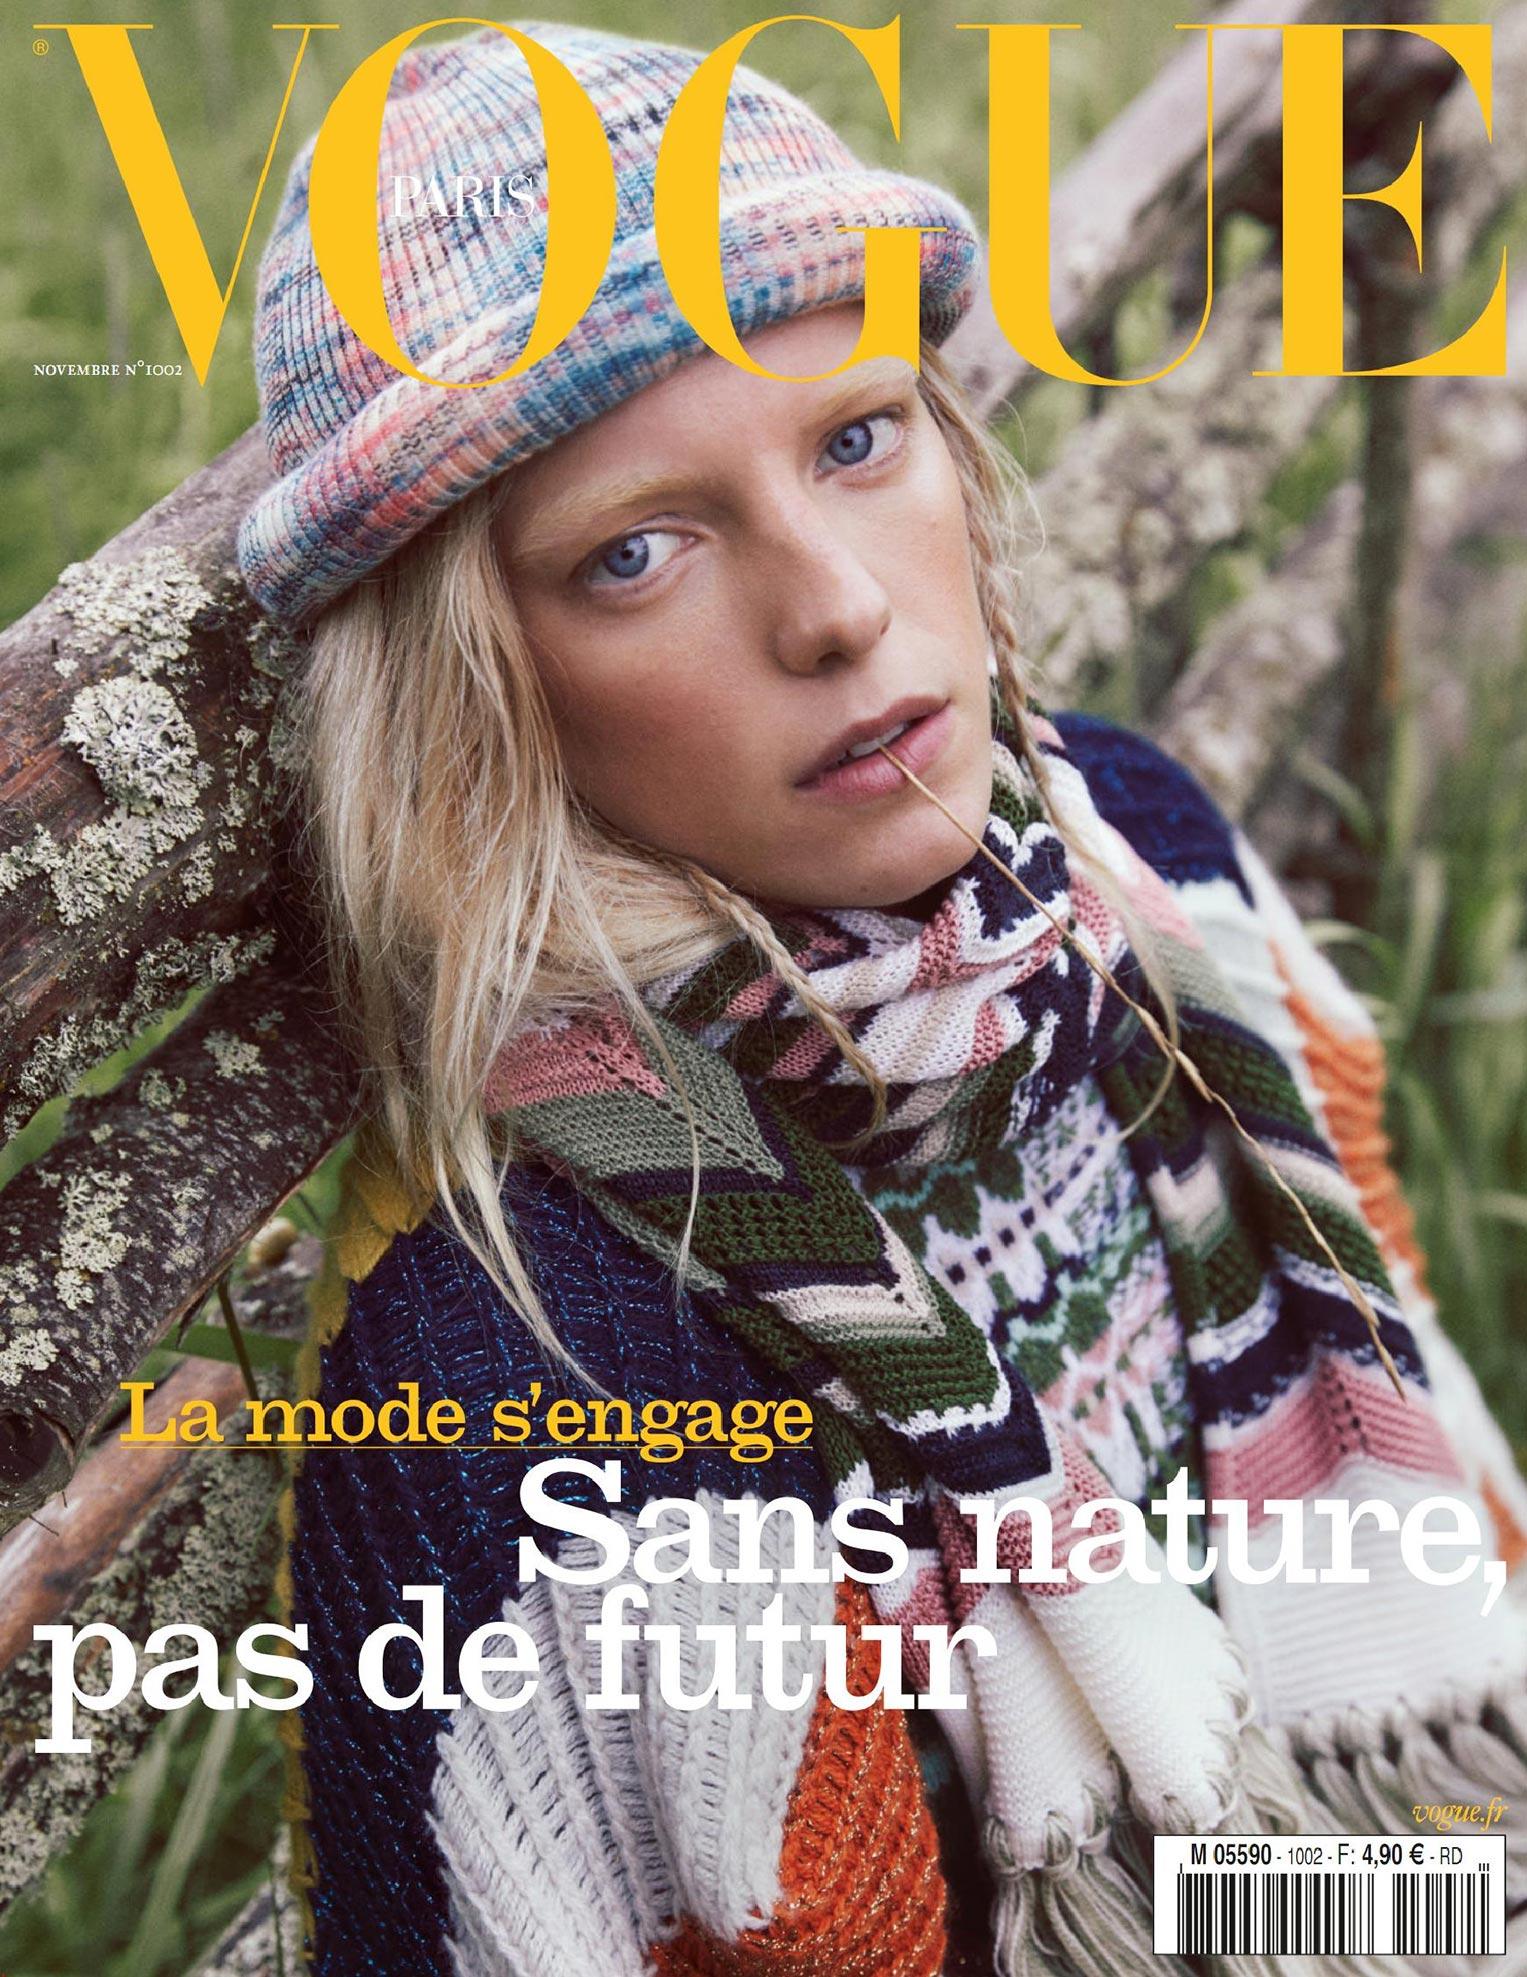 Бразильская модель в гостях у шведской - Эрика Линдер и Ракель Циммерман / обложка